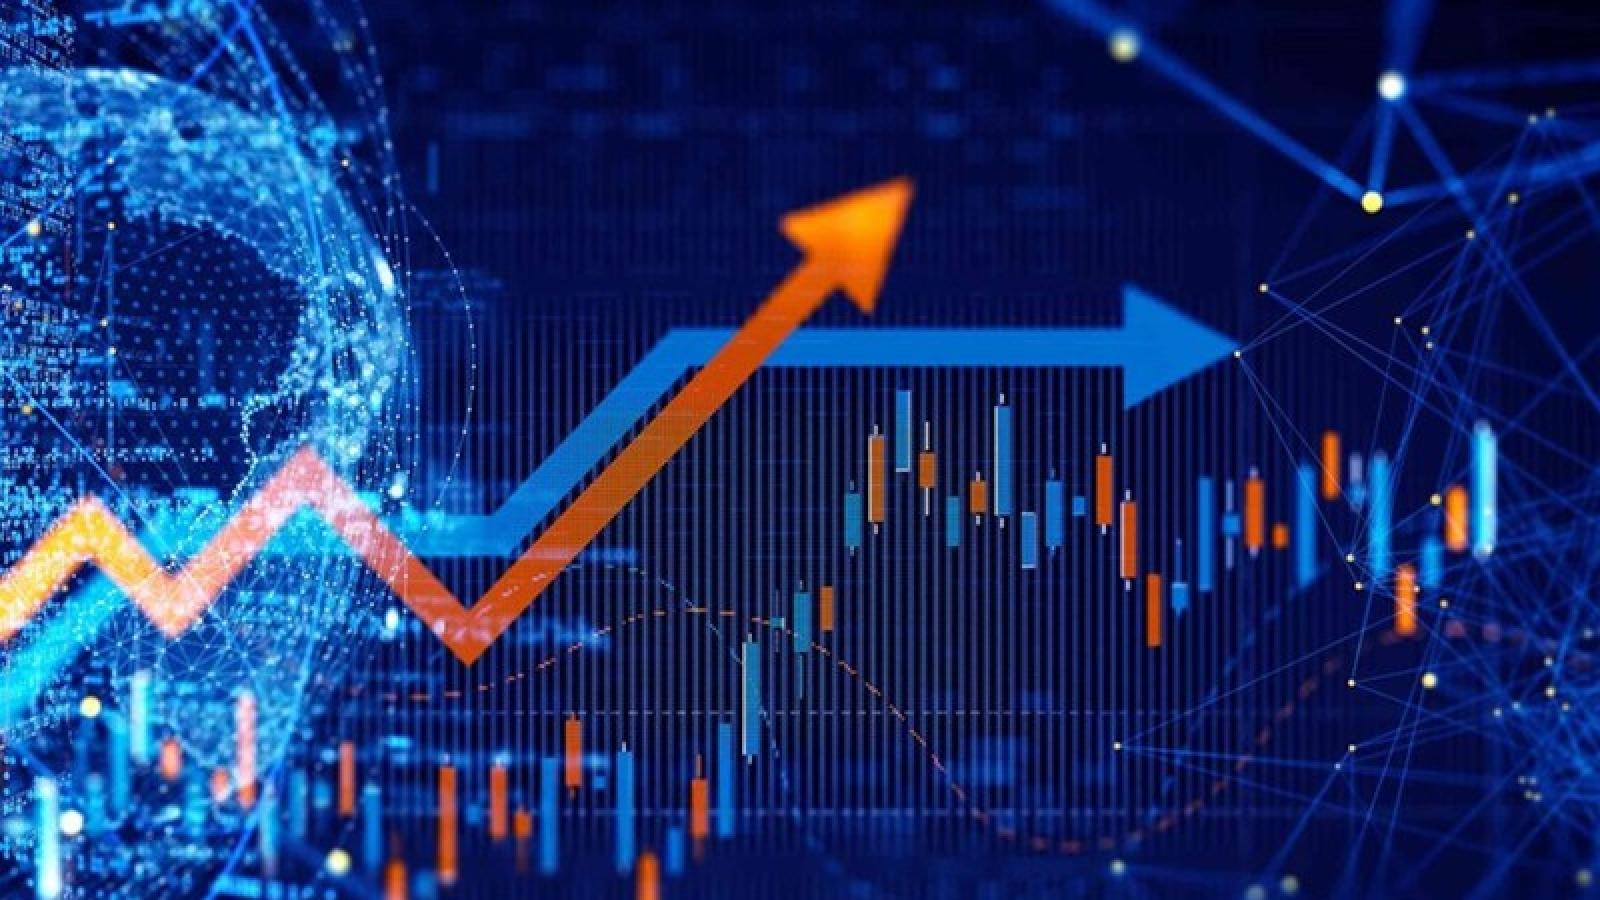 """Nhà đầu tư có thể giải ngân vào các cổ phiếu """"trụ"""" với triển vọng tăng trưởng khả quan"""